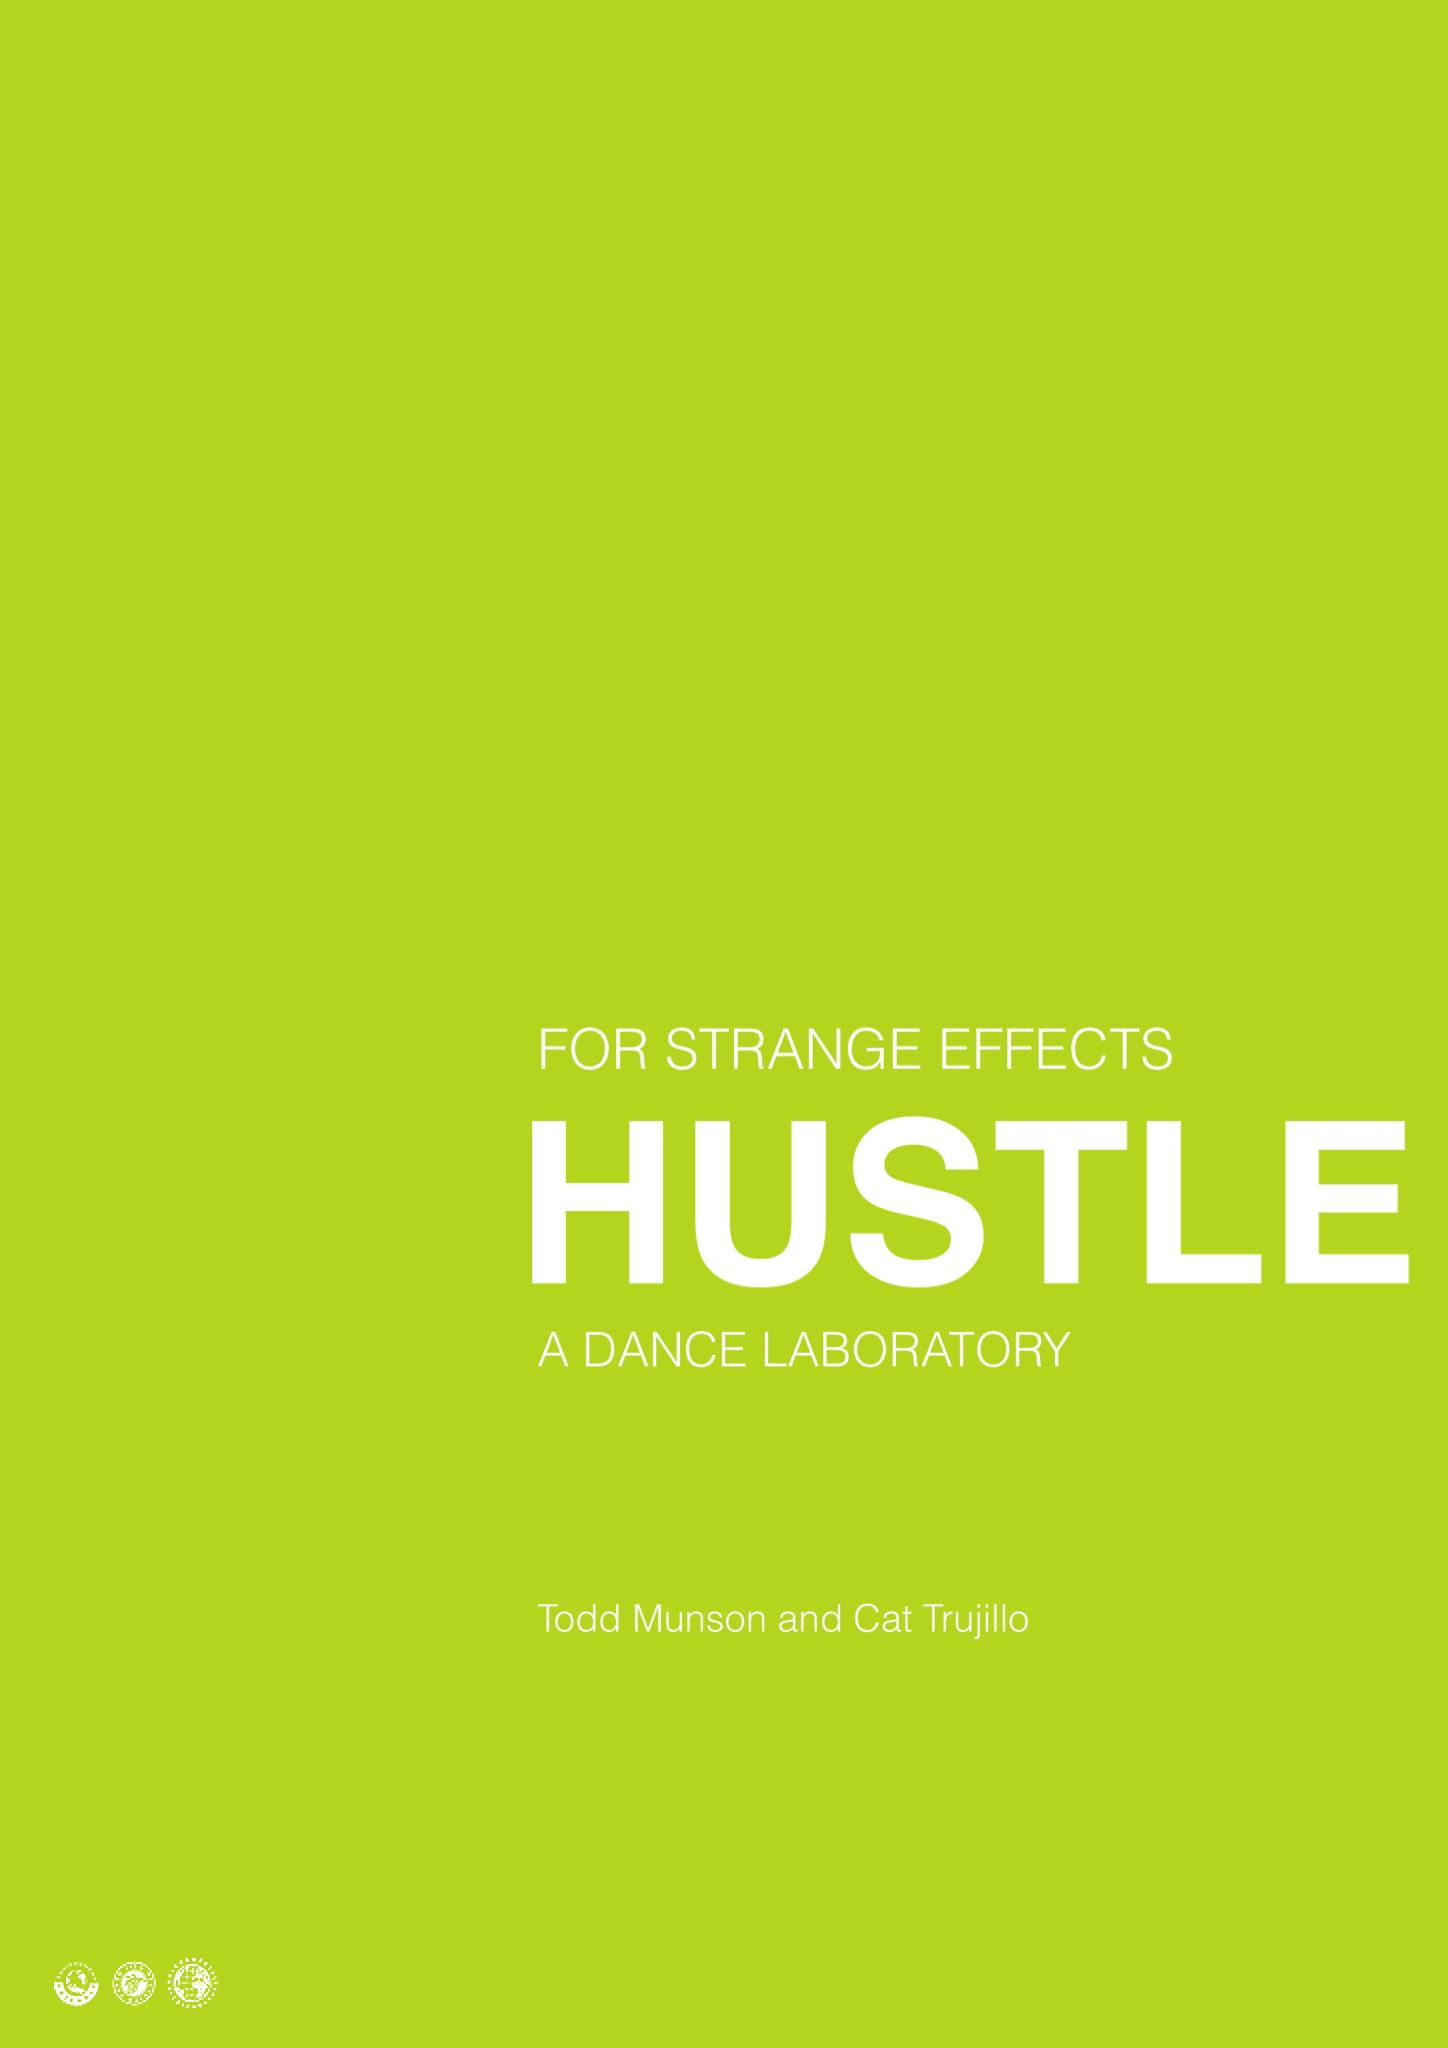 Denver Hustle Dance